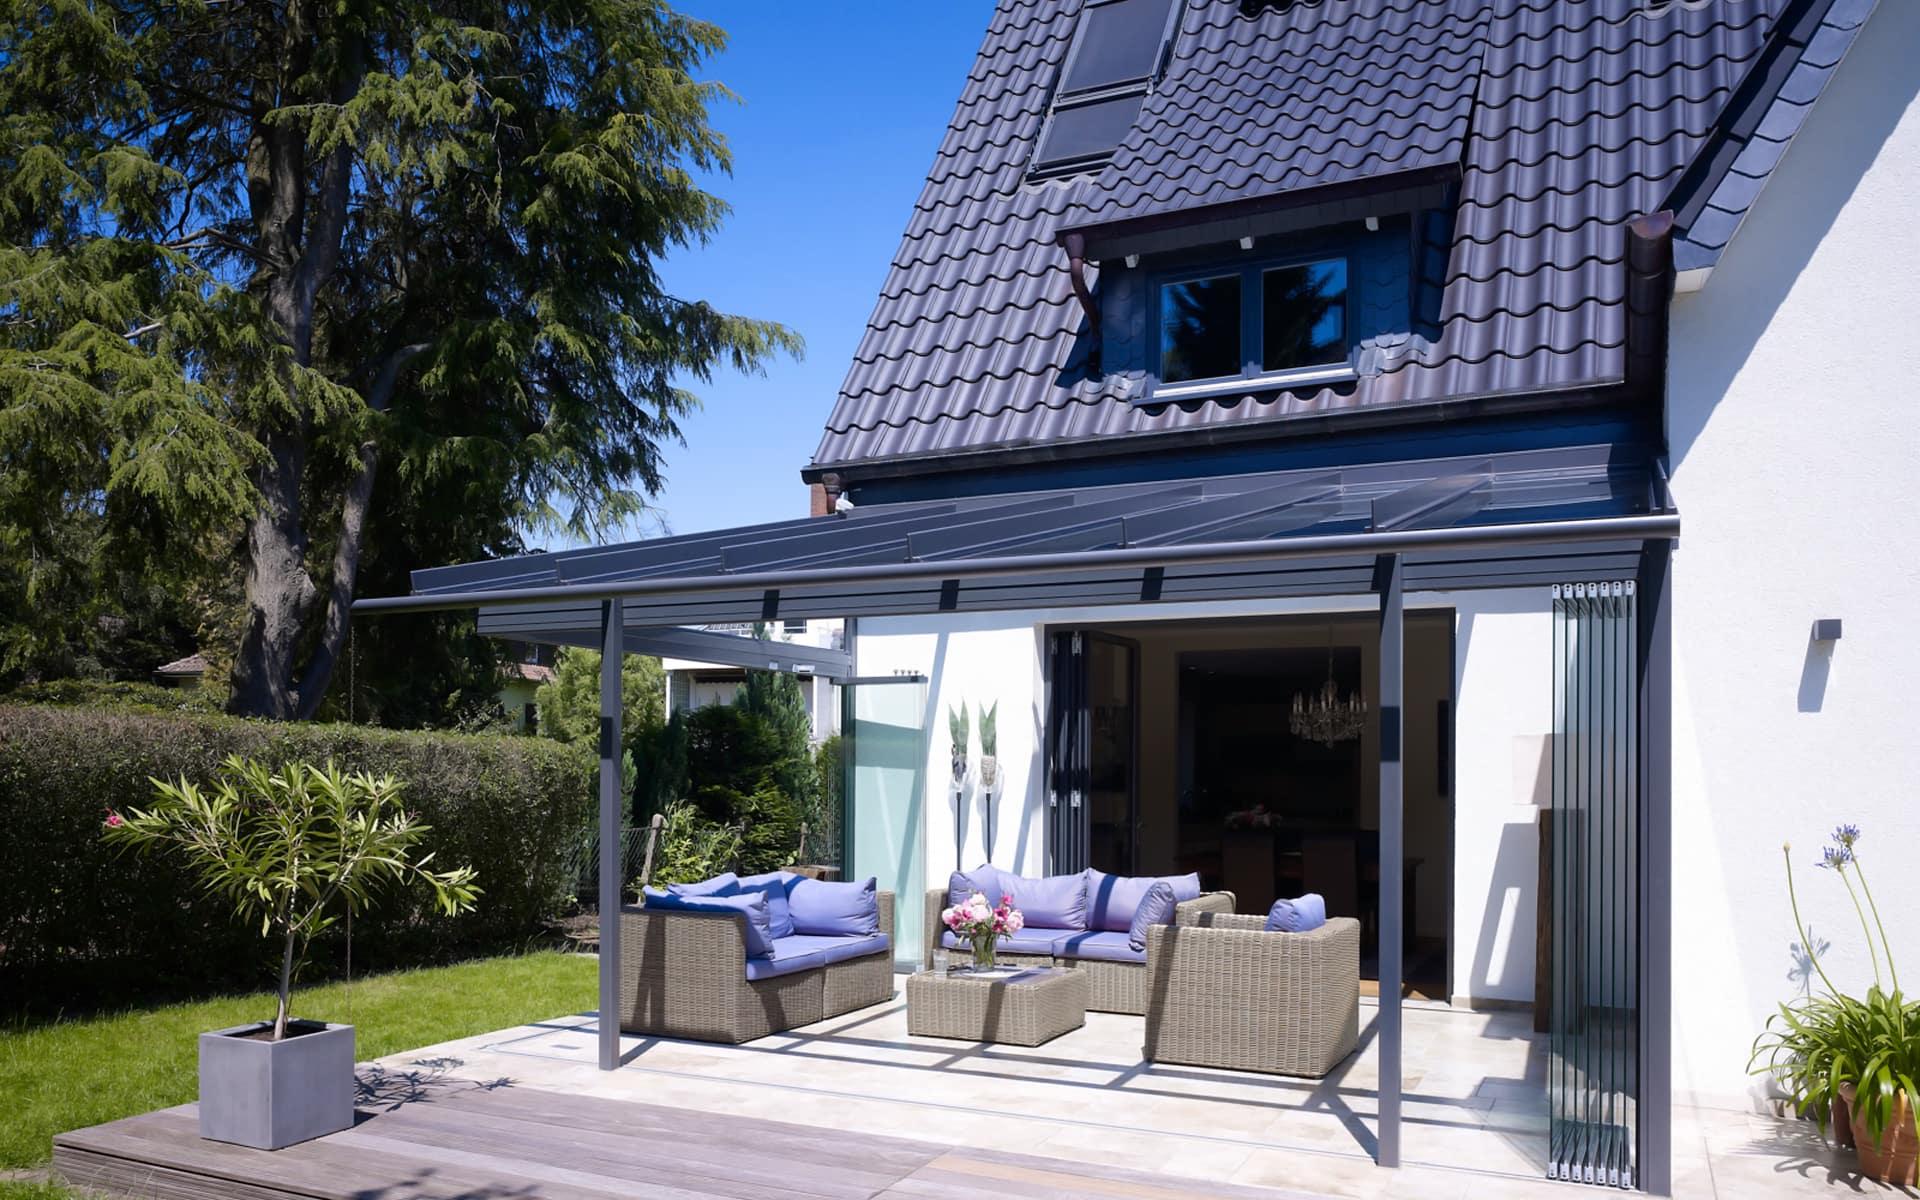 Terrassenüberdachung für mehr Spaß im Freien